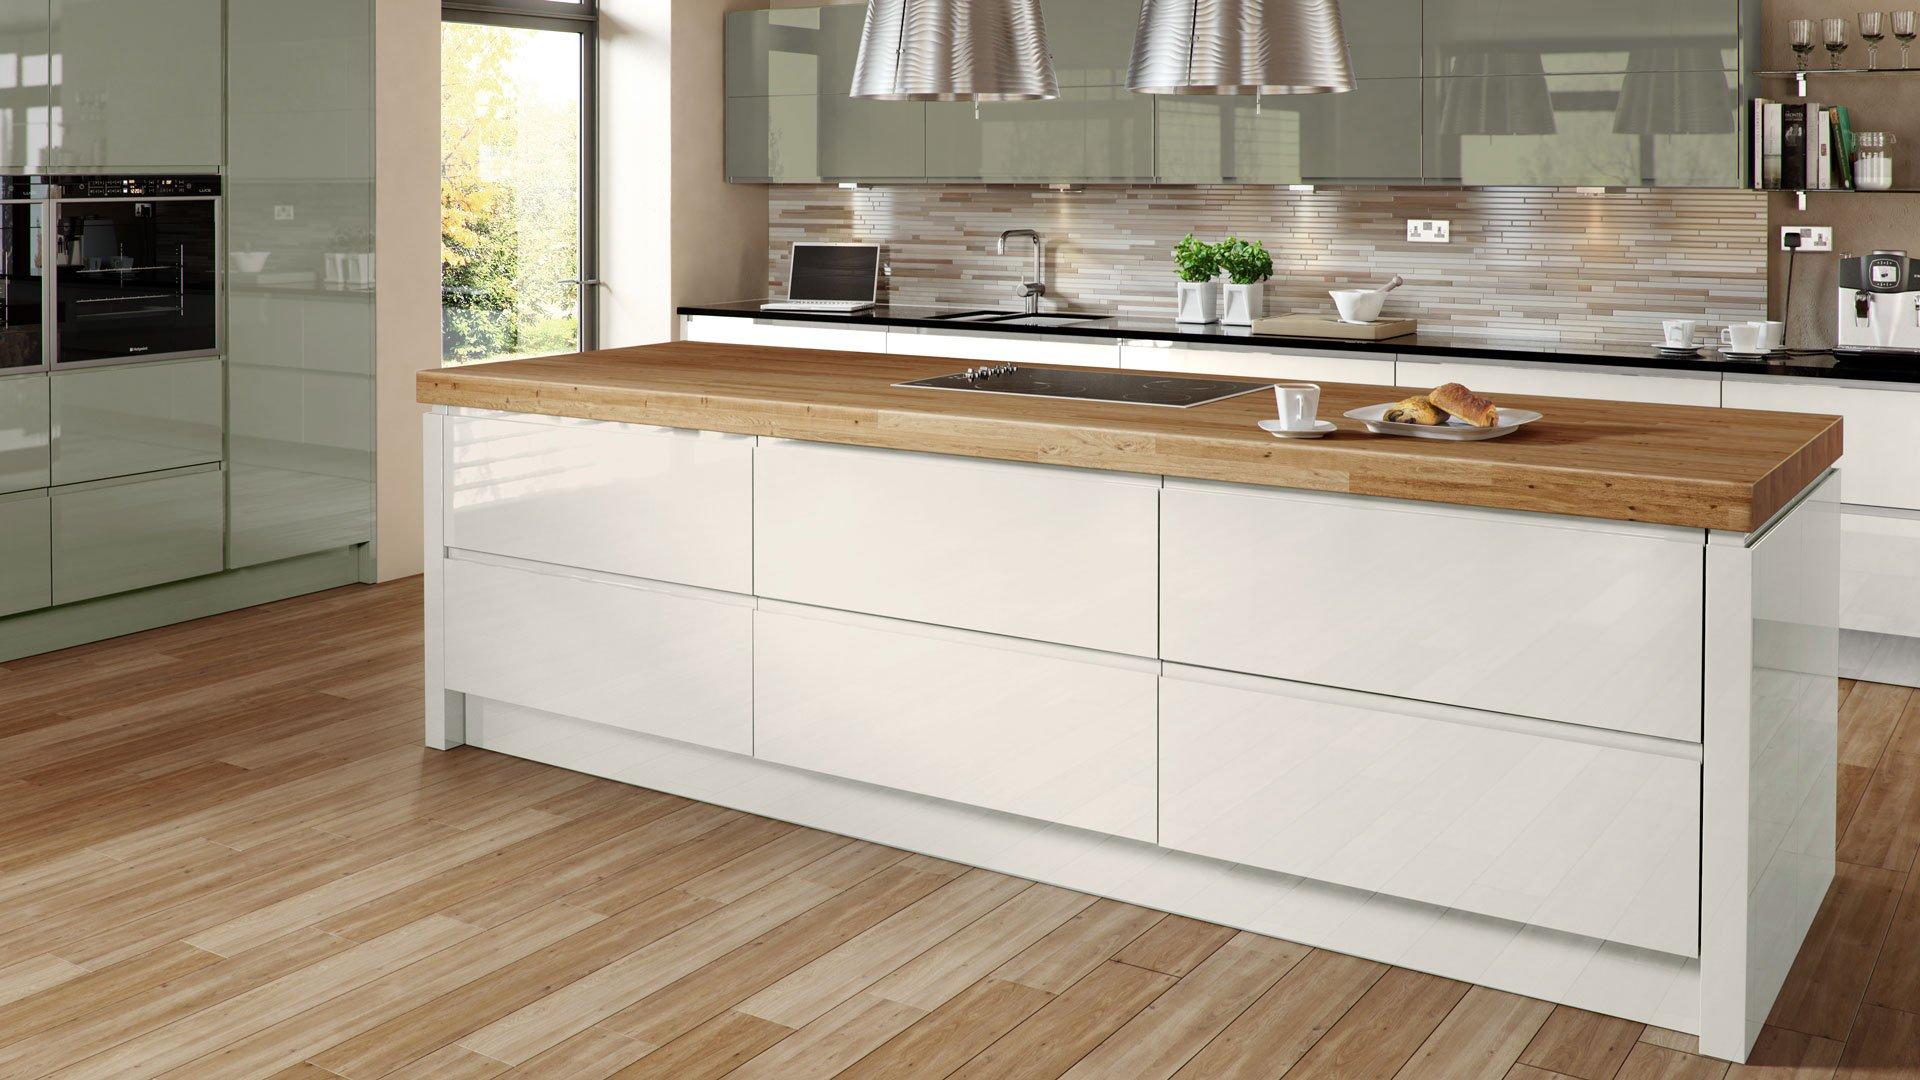 Multiwood Welford - Cream & Willow Kitchen